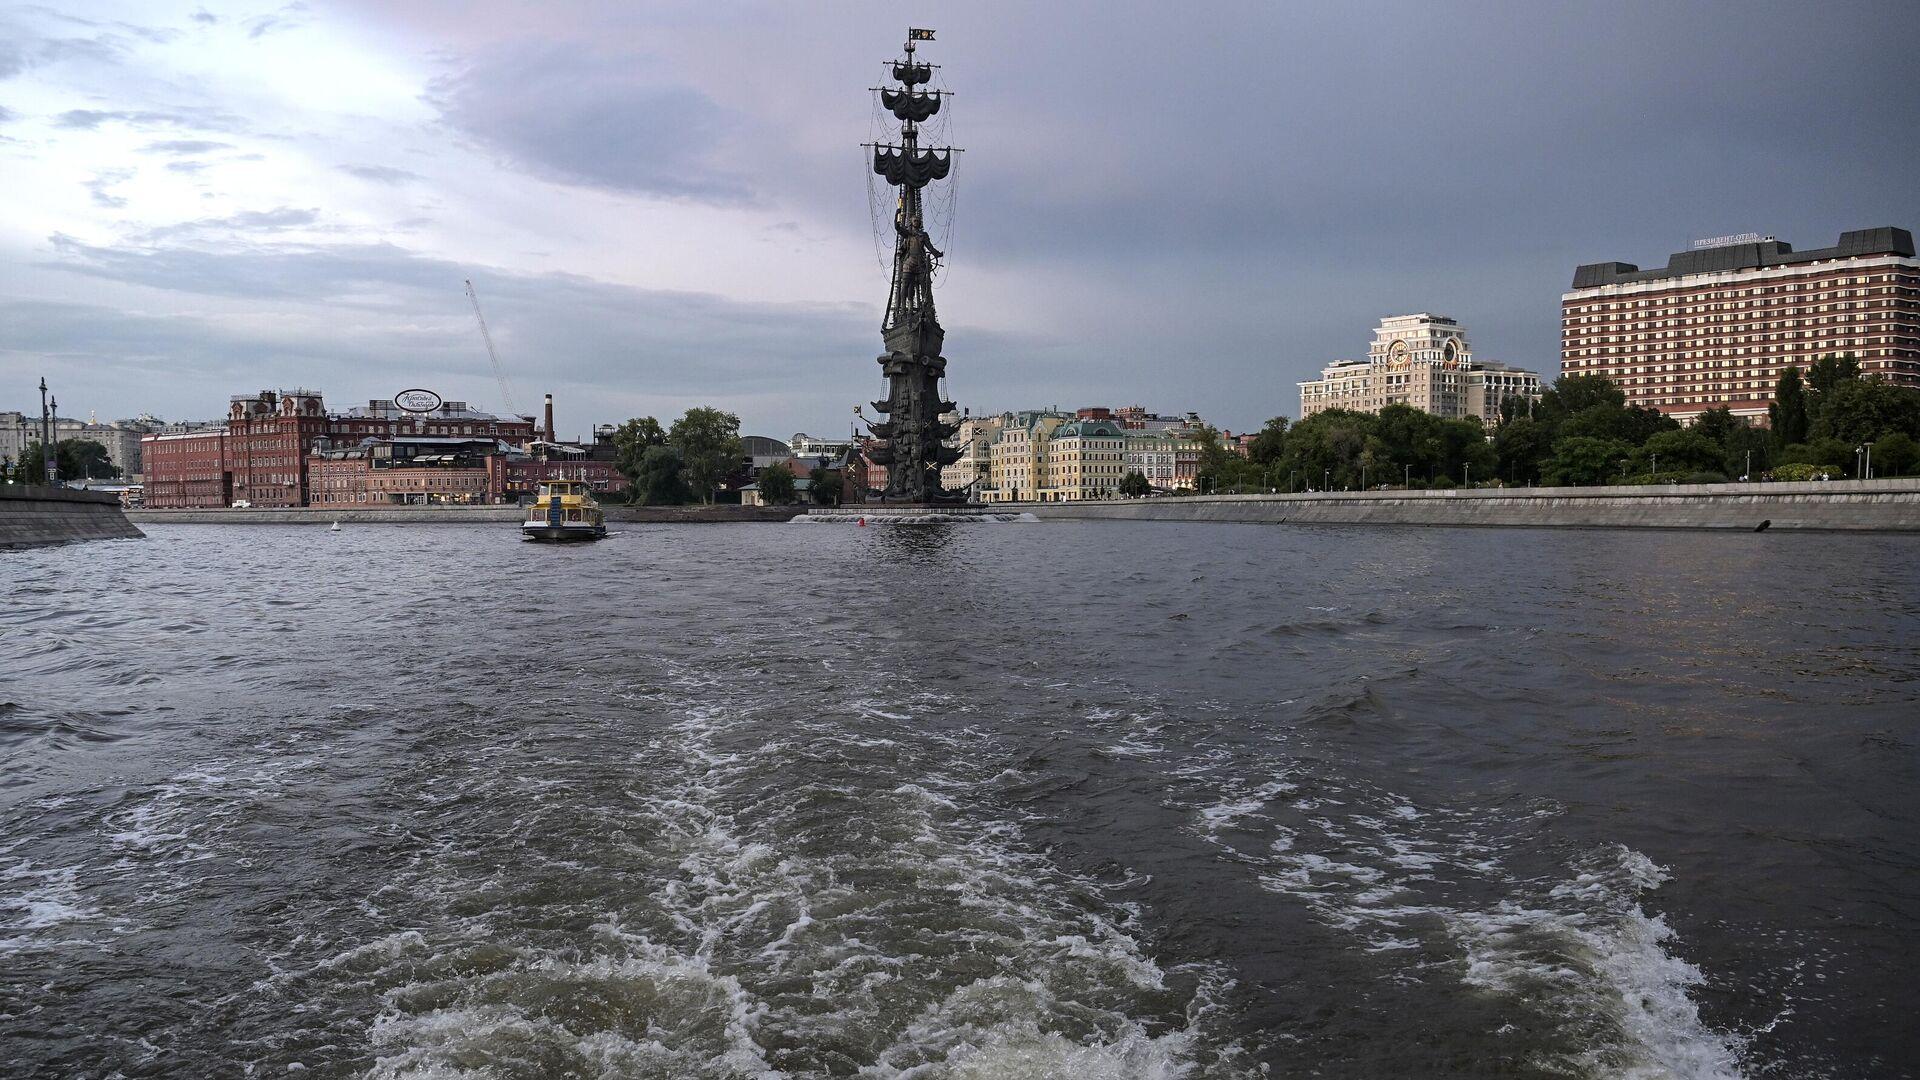 Виды Москвы - РИА Новости, 1920, 11.11.2020